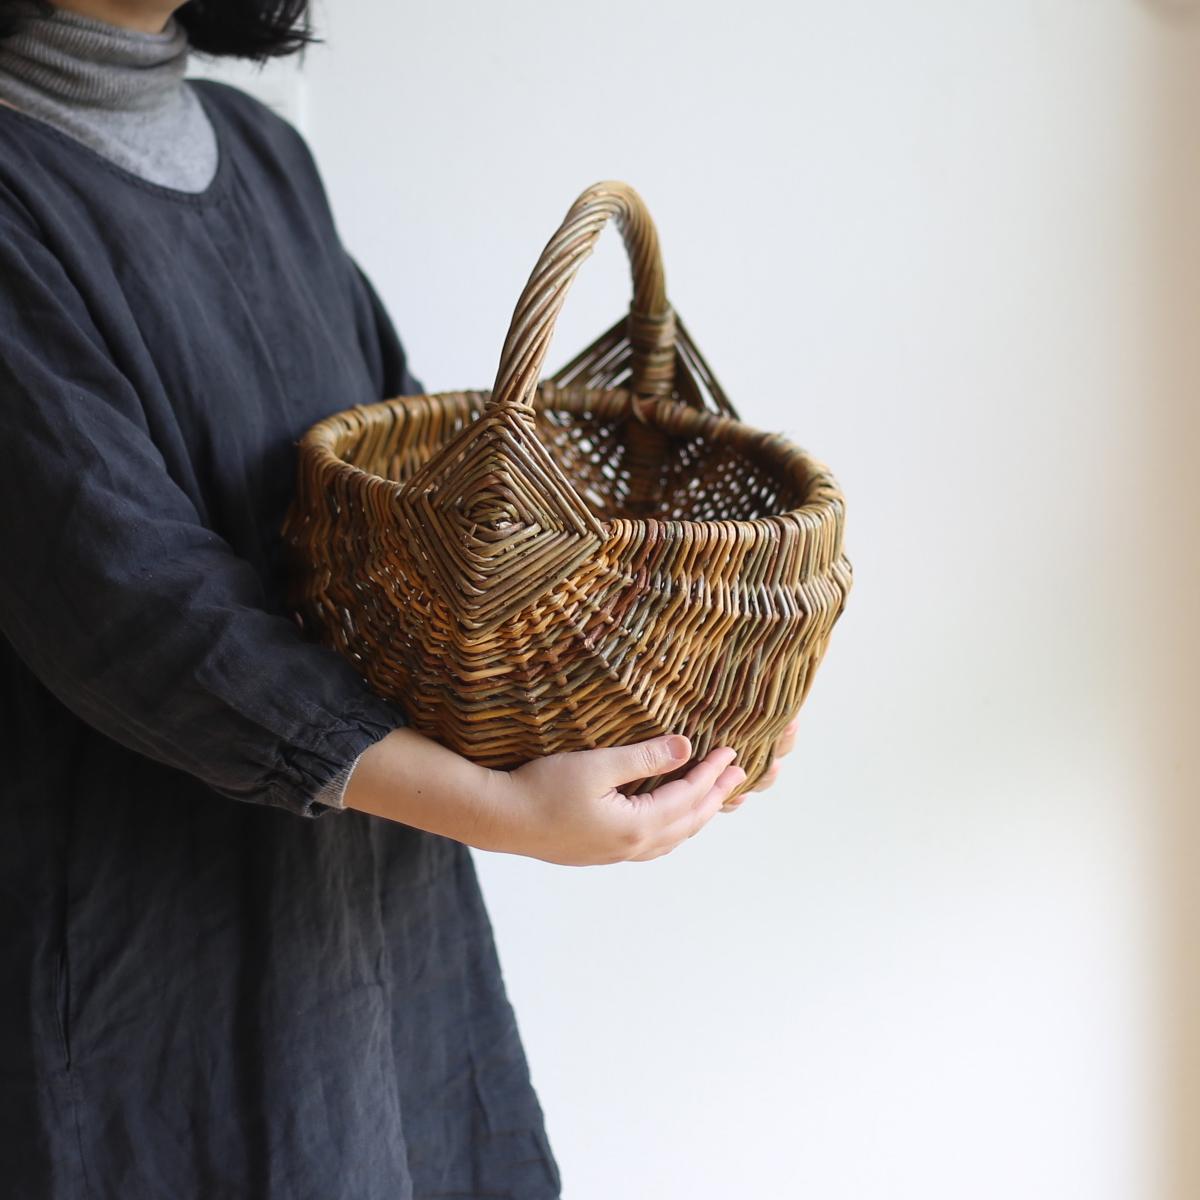 伝統模様の手編みのバスケット